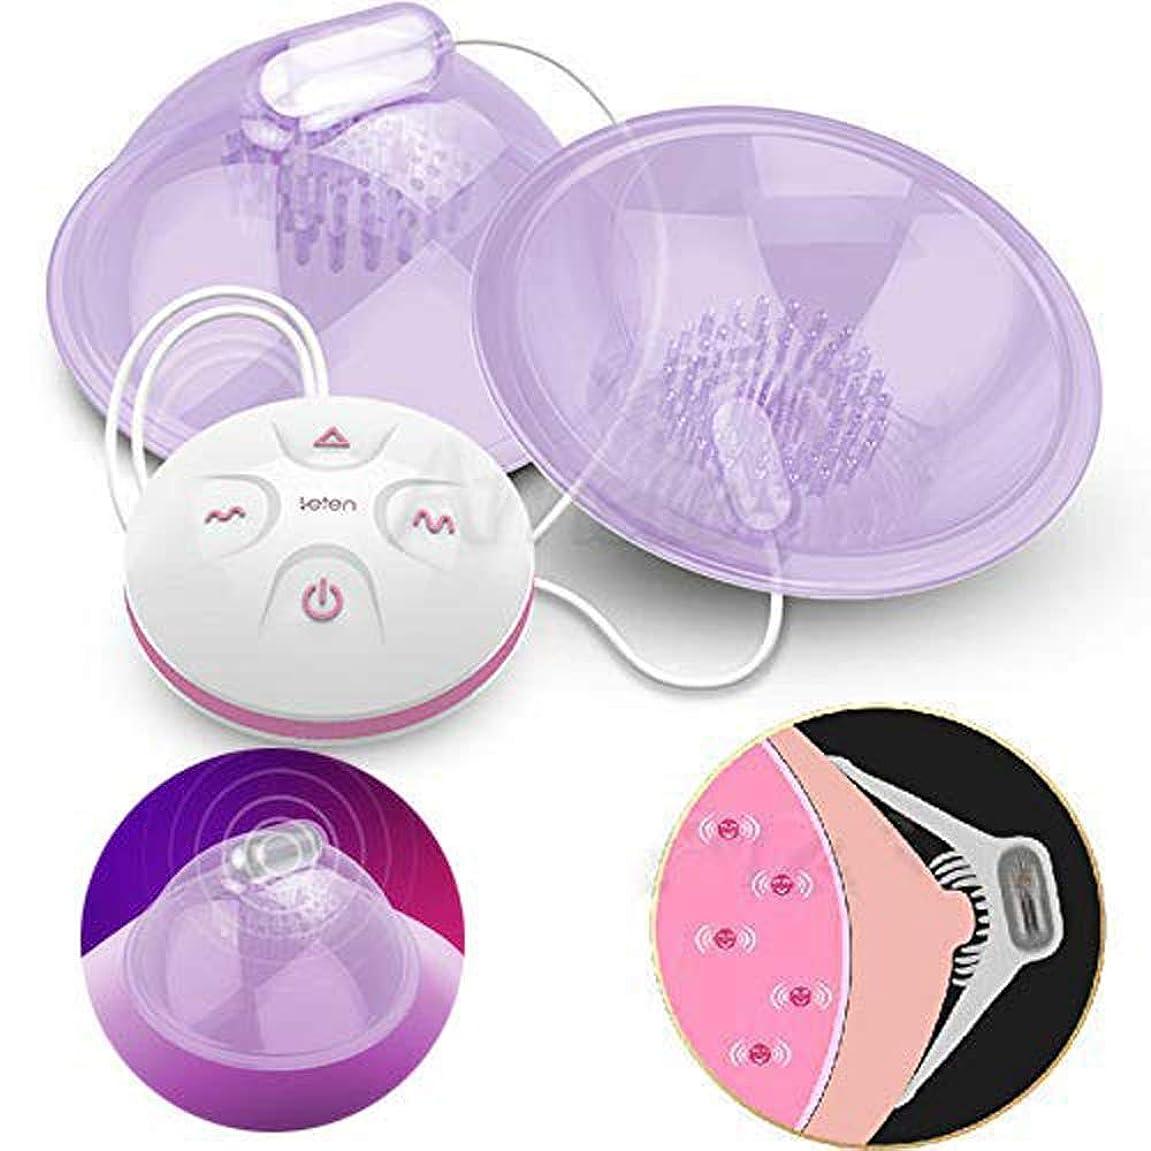 宣言するそれ唇充電式Ni-ppleマッサージャー胸胸部刺激装置エンハンサー玩具女性、小売ボックス付き10スピードスピードモード電動ポンプ吸盤